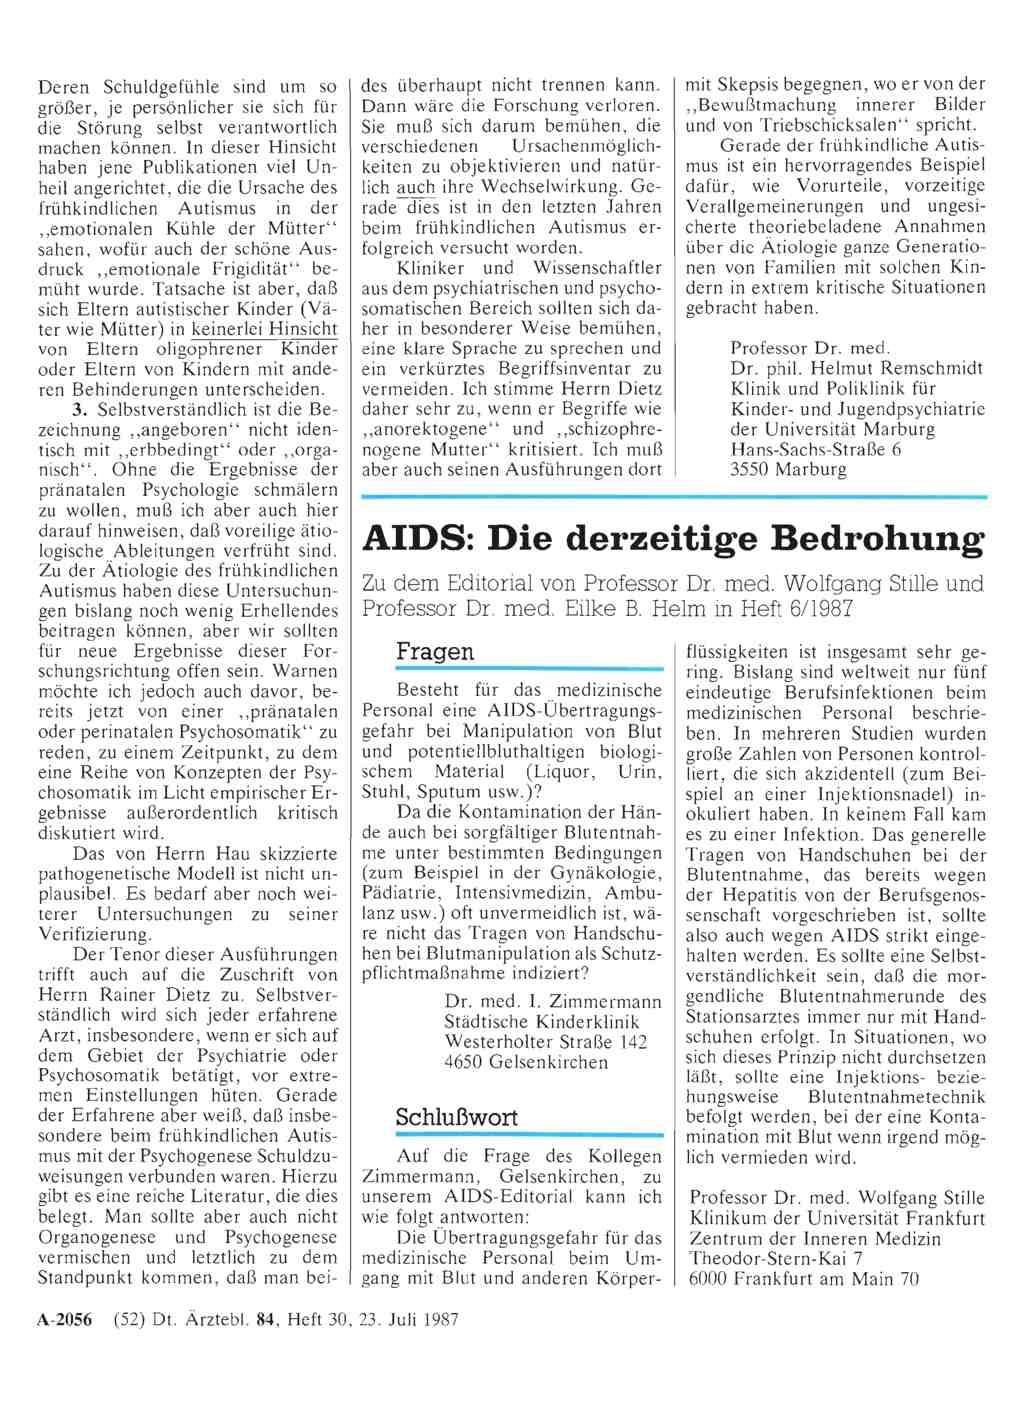 Aids Die Derzeitige Bedrohung Schlußwort